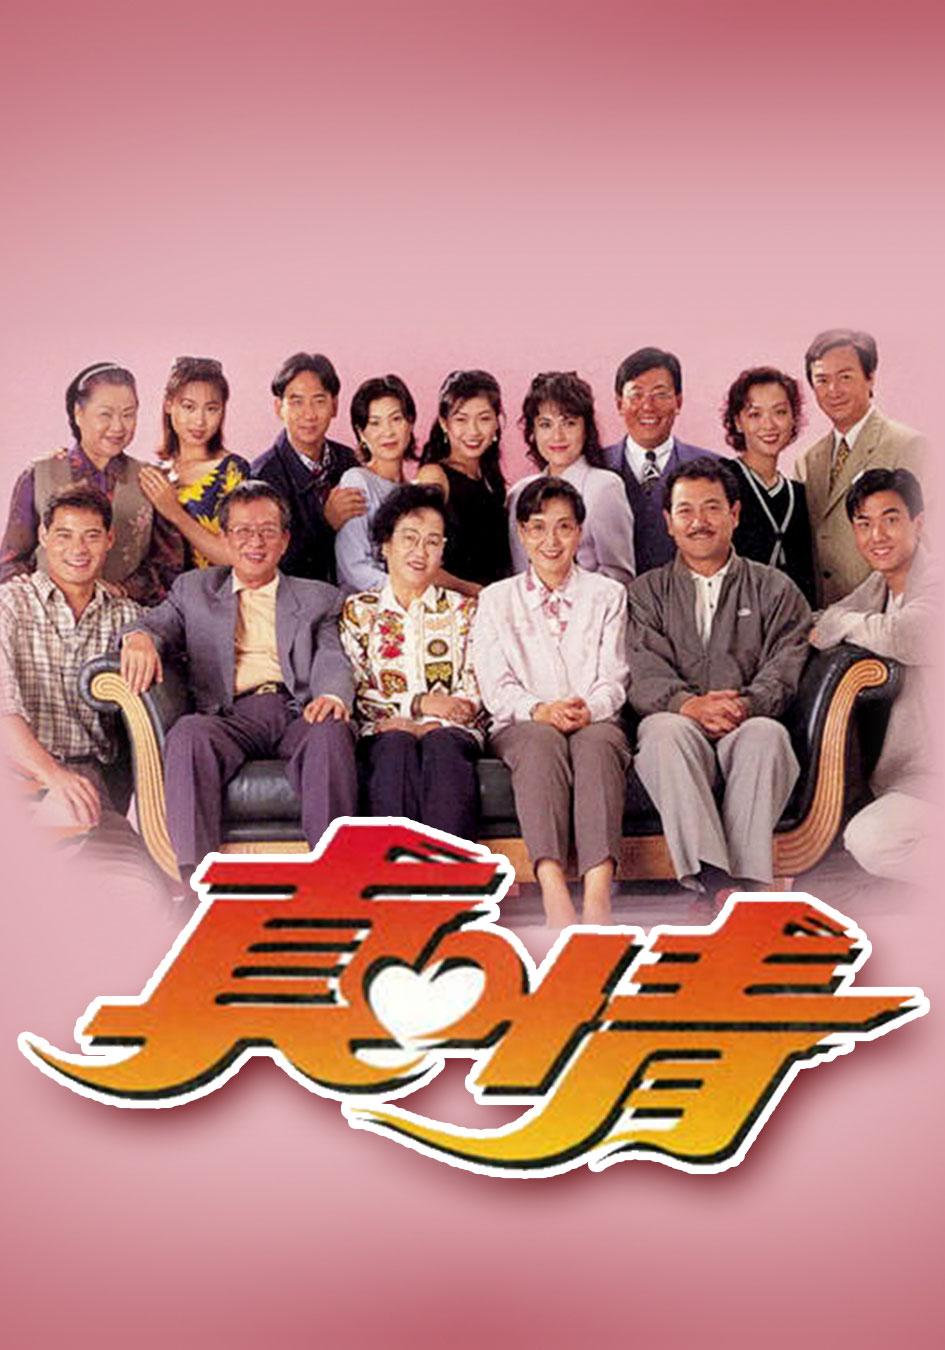 真情 (8) - encoreTVB 官方網站